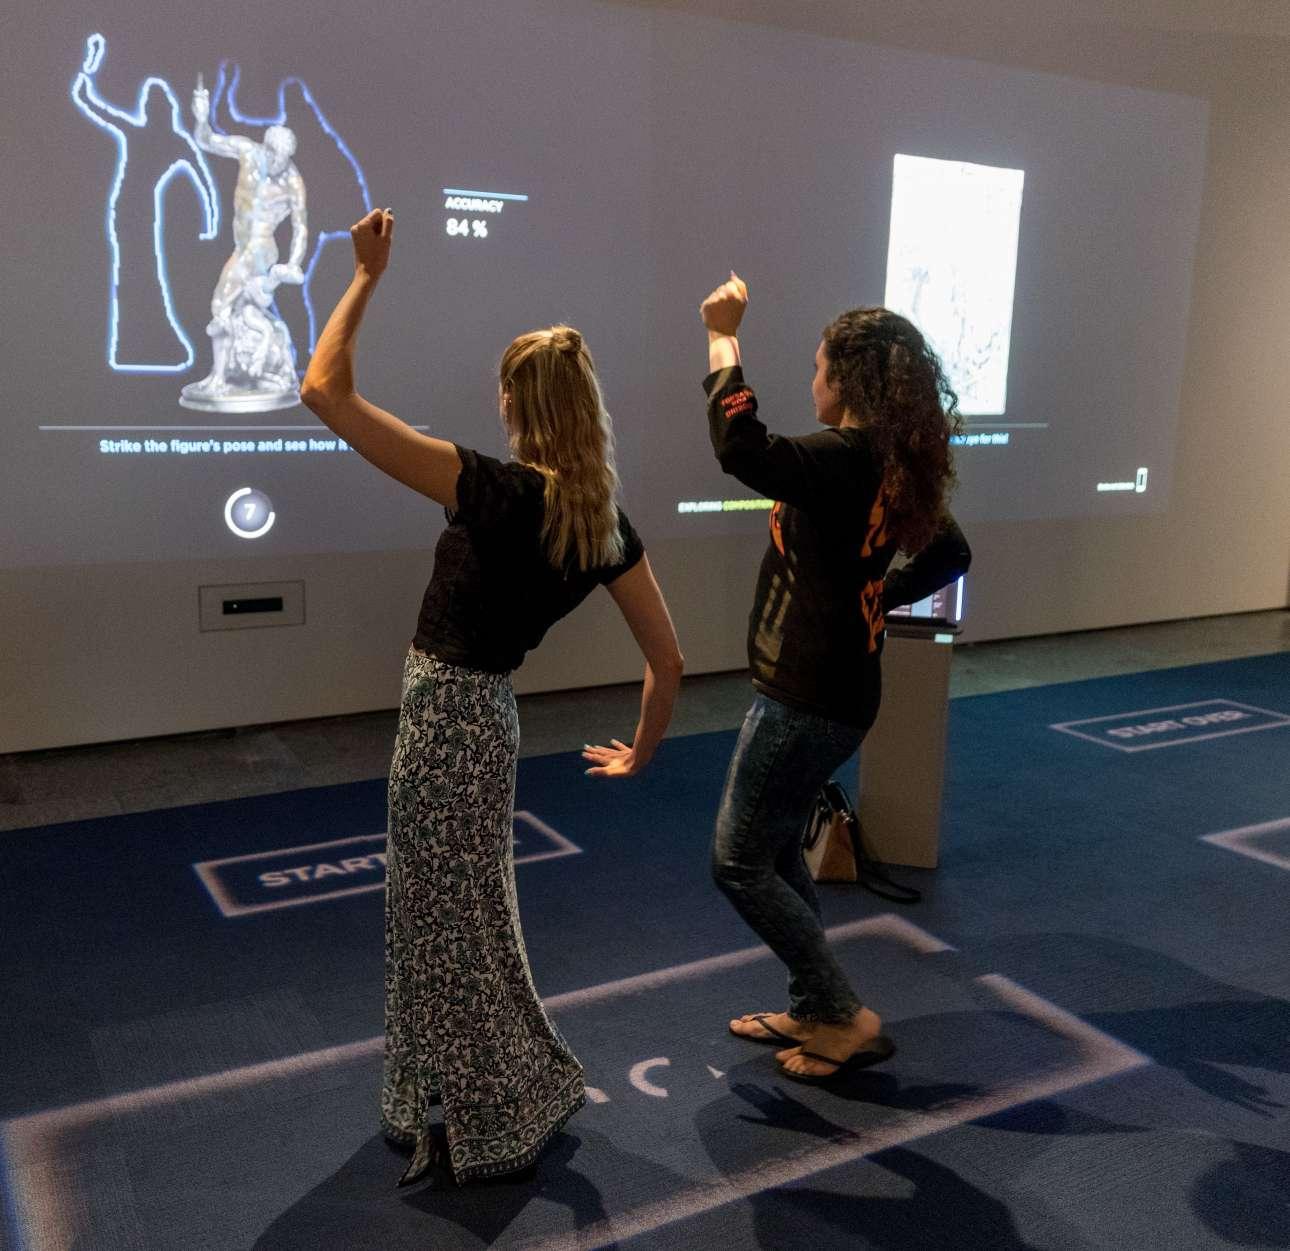 Επισκέπτες του Μουσείου Τέχνης του Κλίβελαντ αλληλεπιδρούν με κάποιο από τα εκθέματα που εμφανίζονται μπροστά τους σε ψηφιακή μορφή.